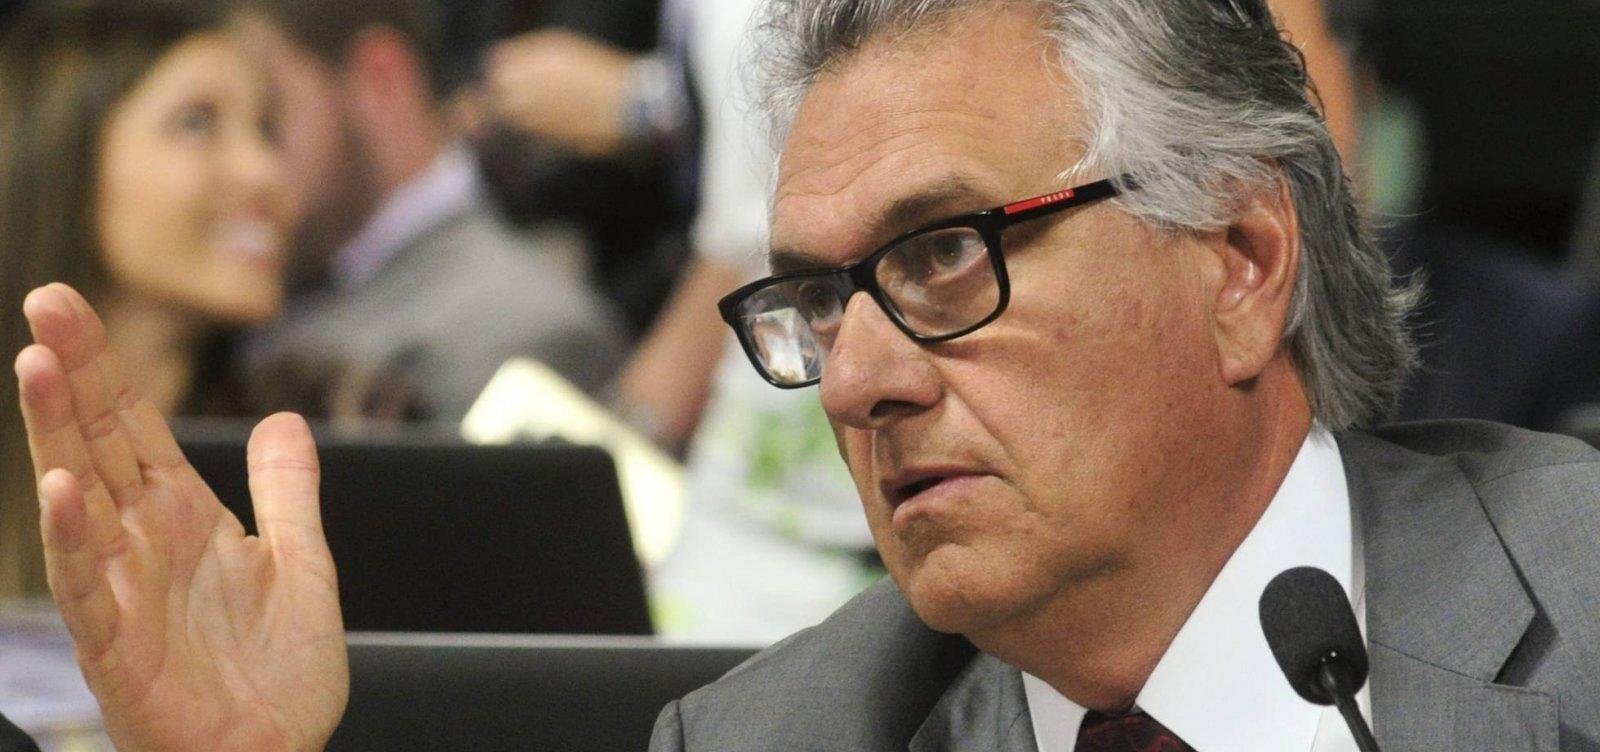 [Se Bolsonaro não agir, vai haver desobediência civil e povo vai quebrar tudo, diz Caiado]